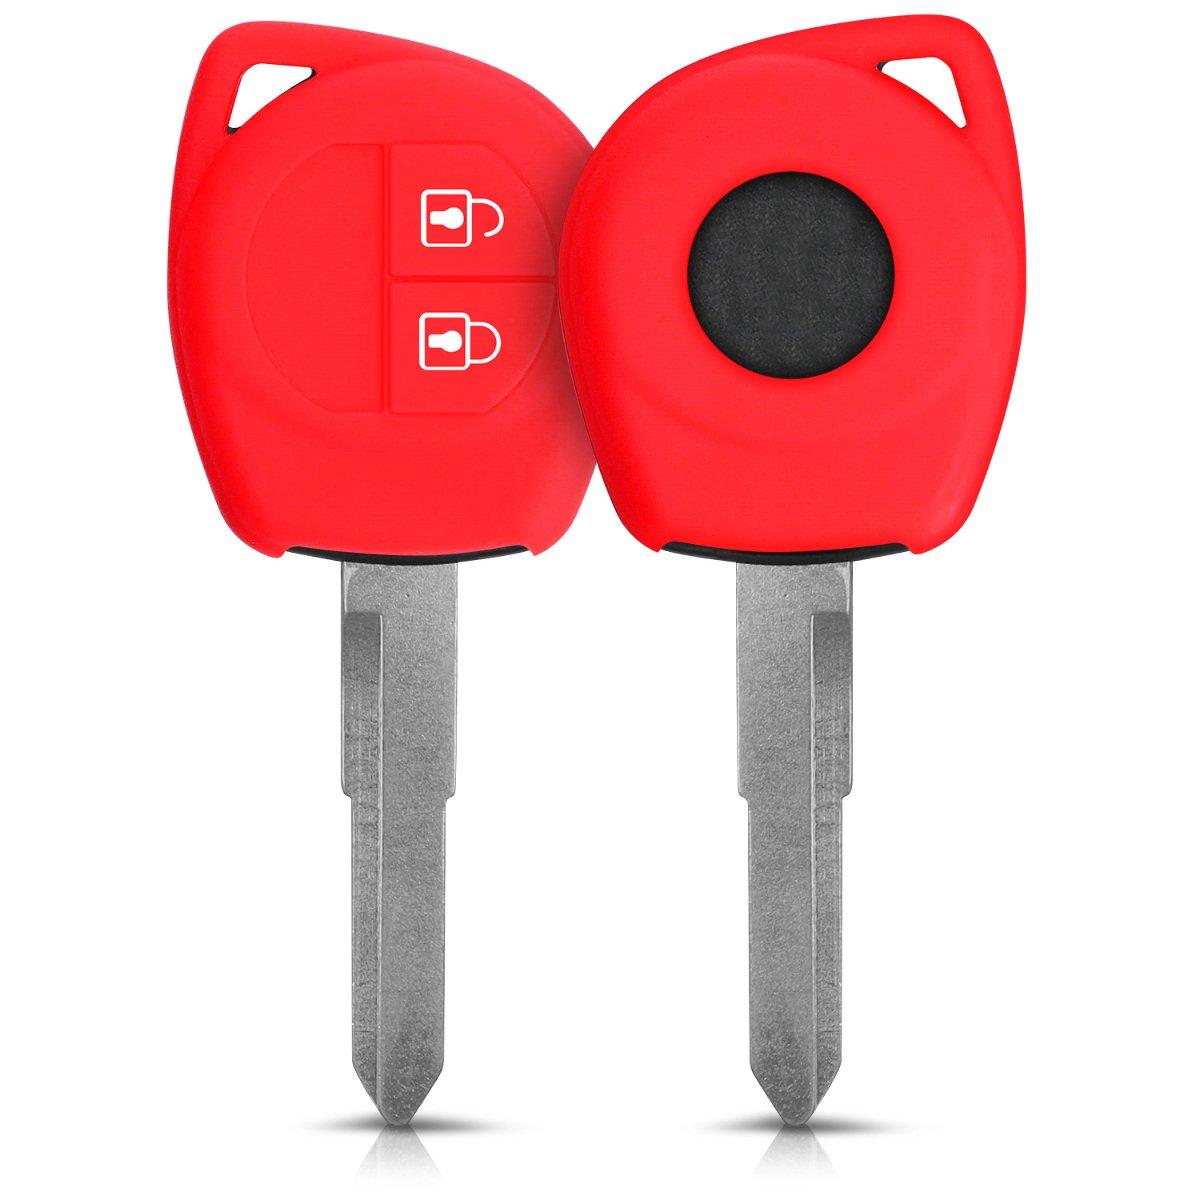 kwmobile Accessoire clé de Voiture Suzuki Opel - Coque pour Clef de Voiture Suzuki 2-Bouton en Silicone Noir - Étui de Protection Souple KW-Commerce 42540.01_m000691